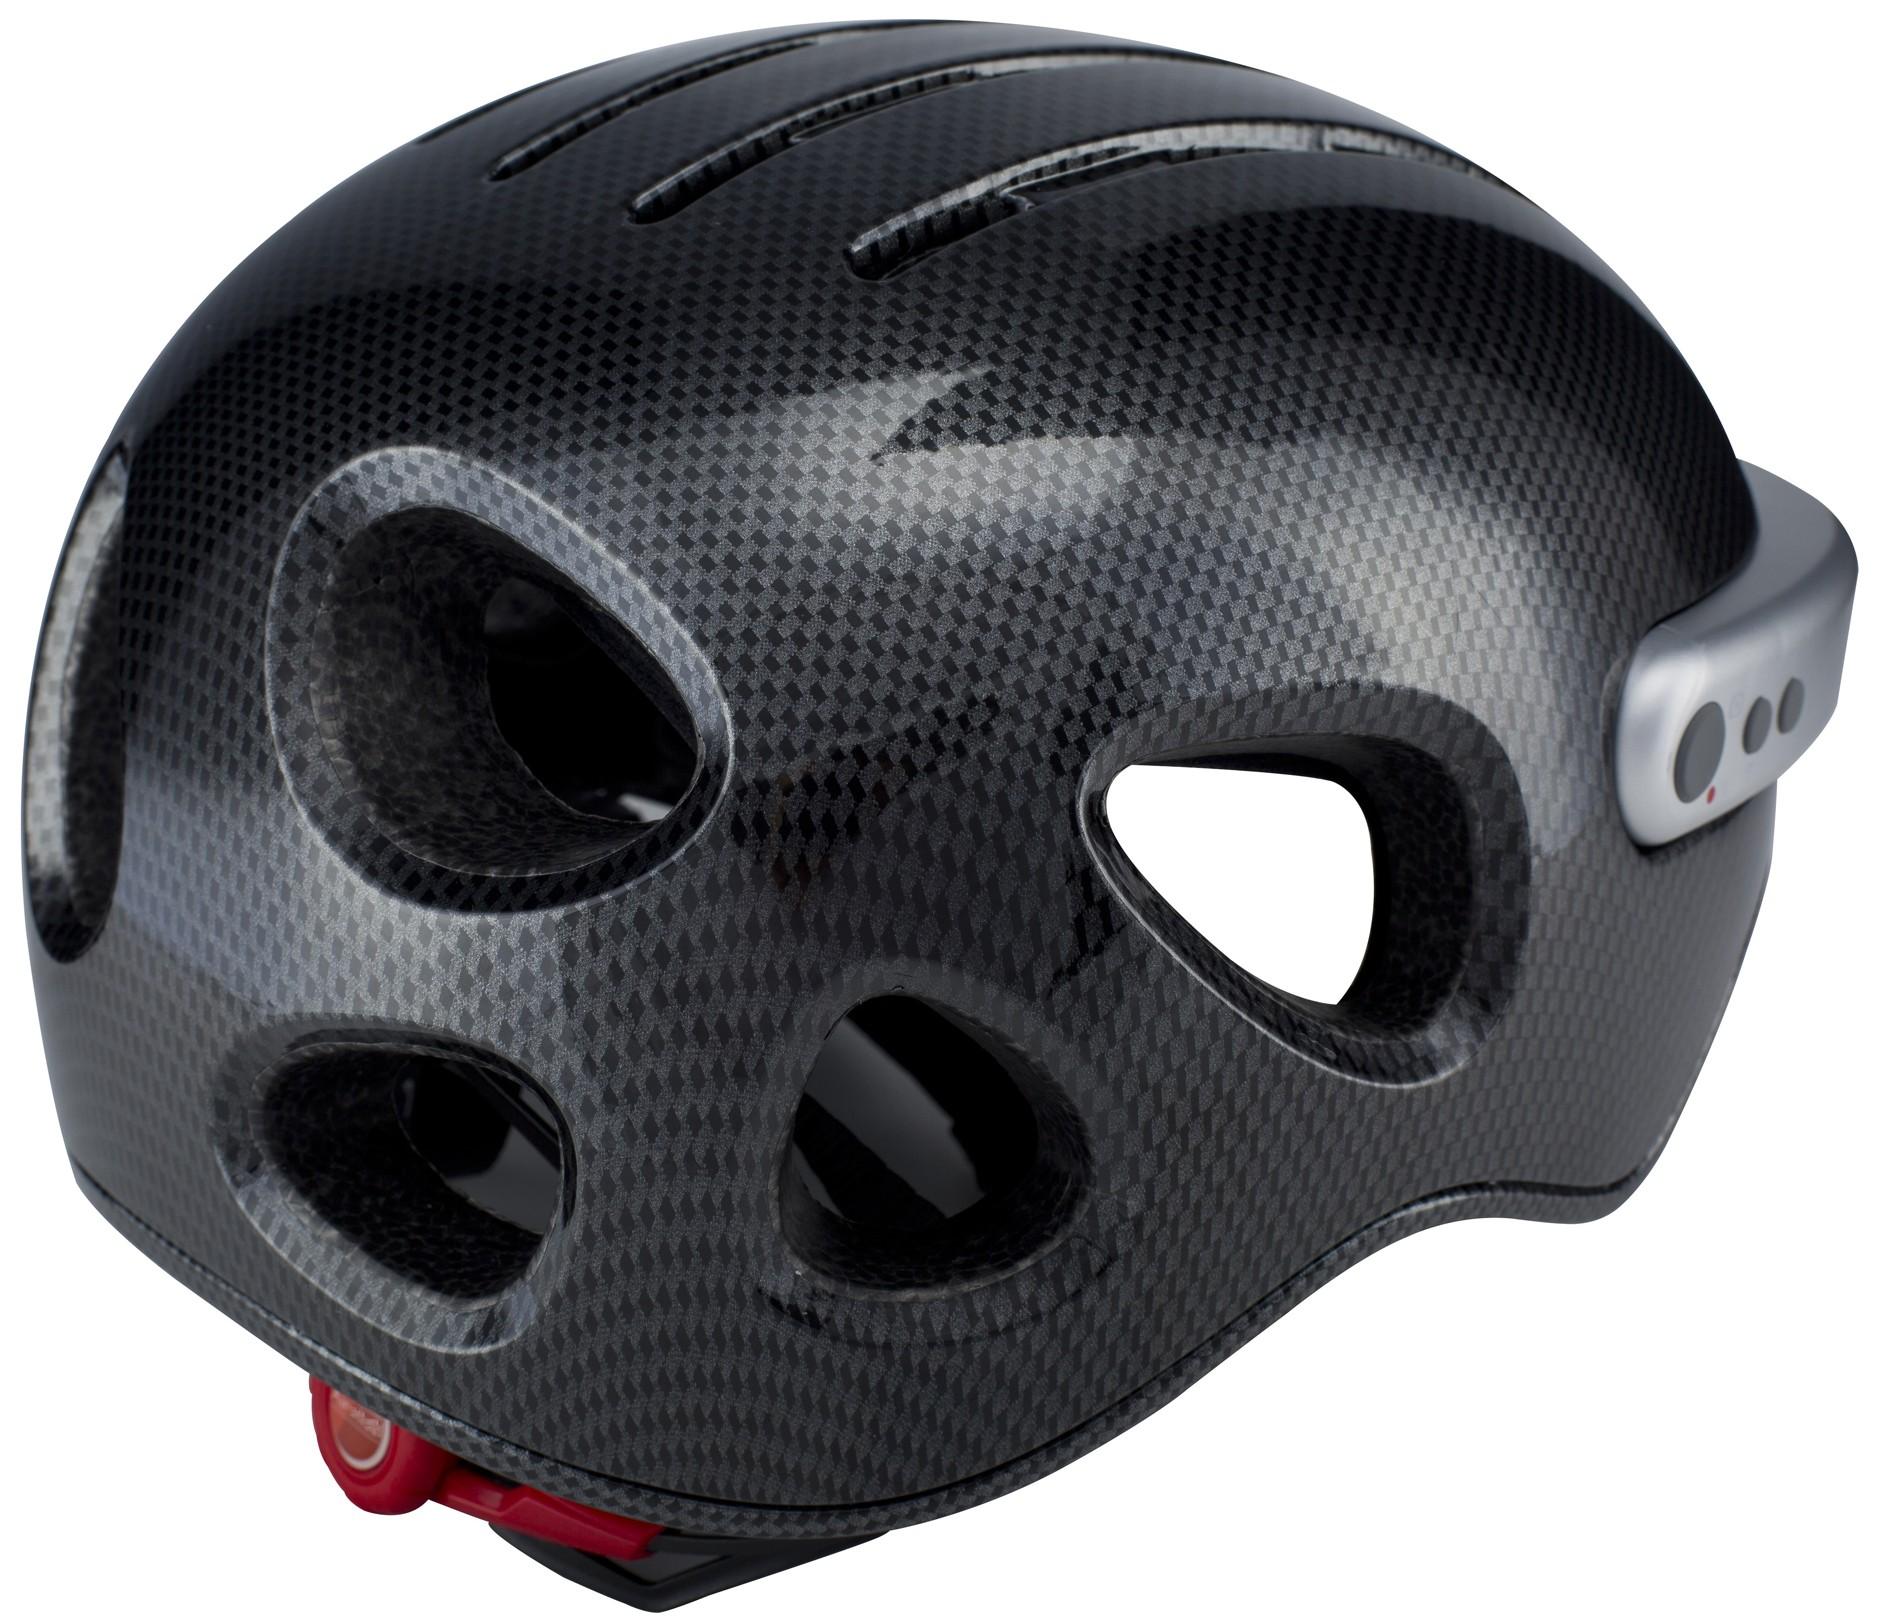 Powerpac Fahrradhelm Gr. XL 59-63cm carbon schwarz mit Kamera Bild 2